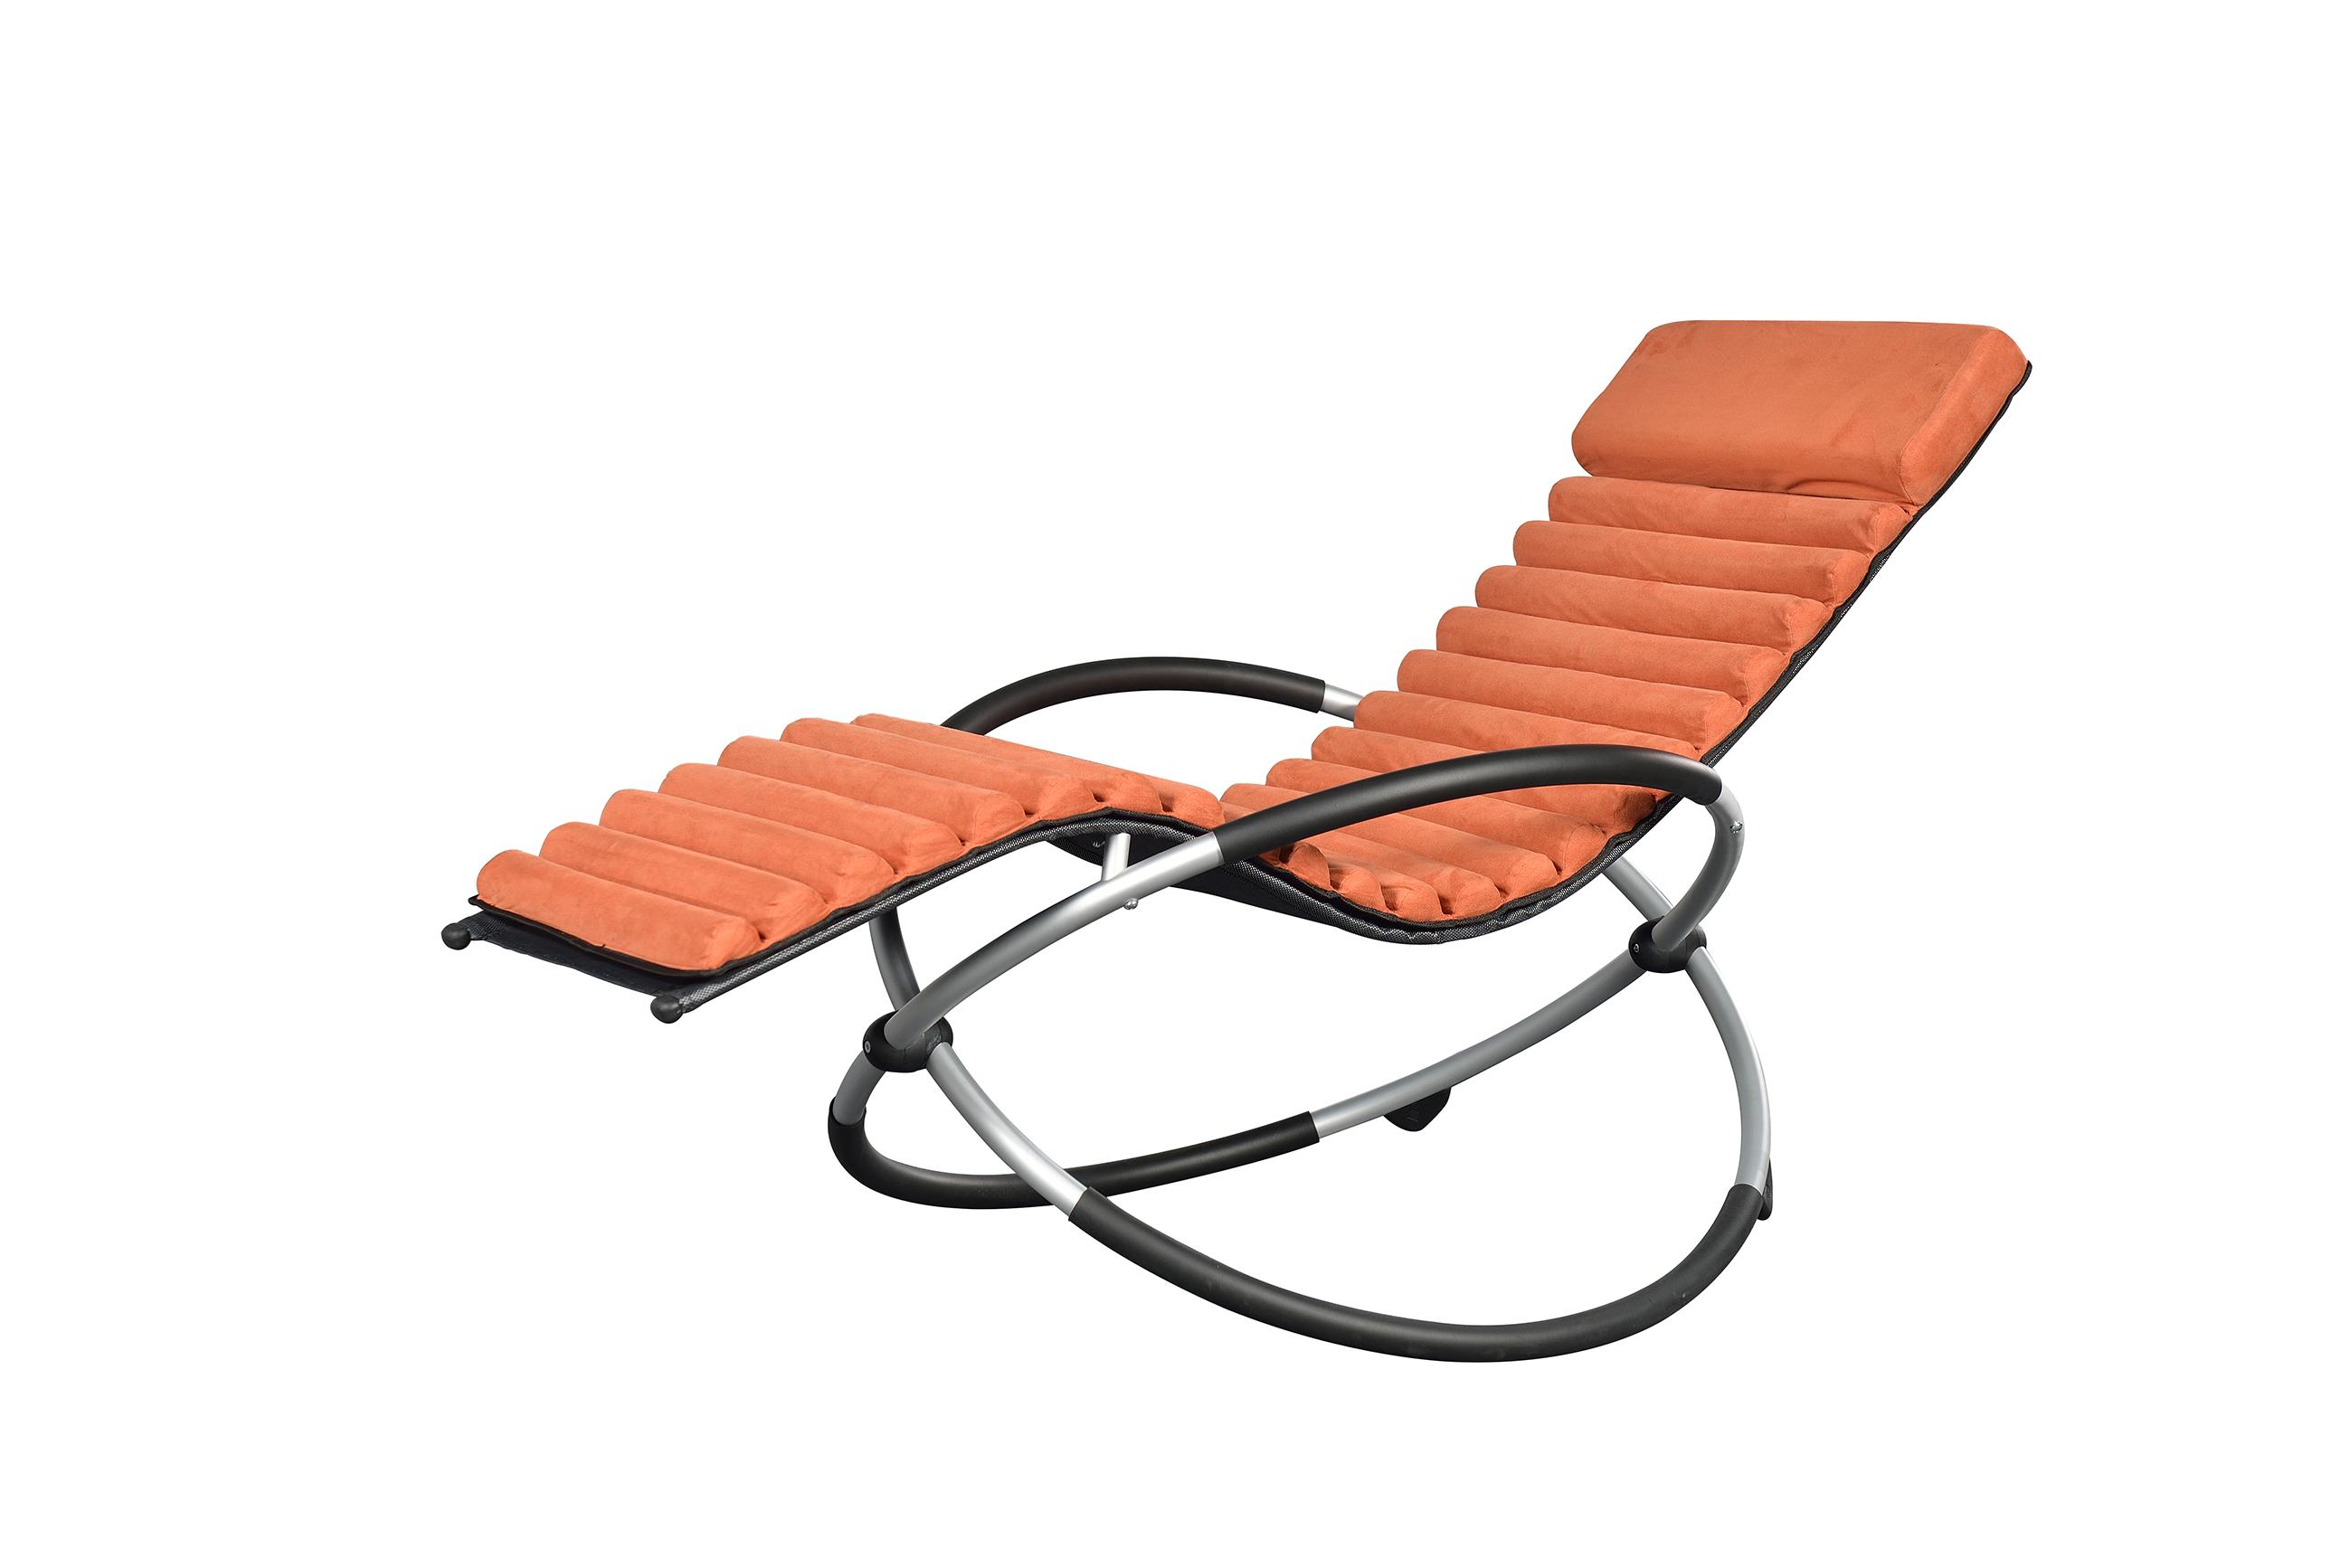 matelas terracotta pour chaise longue relax ellipse. Black Bedroom Furniture Sets. Home Design Ideas